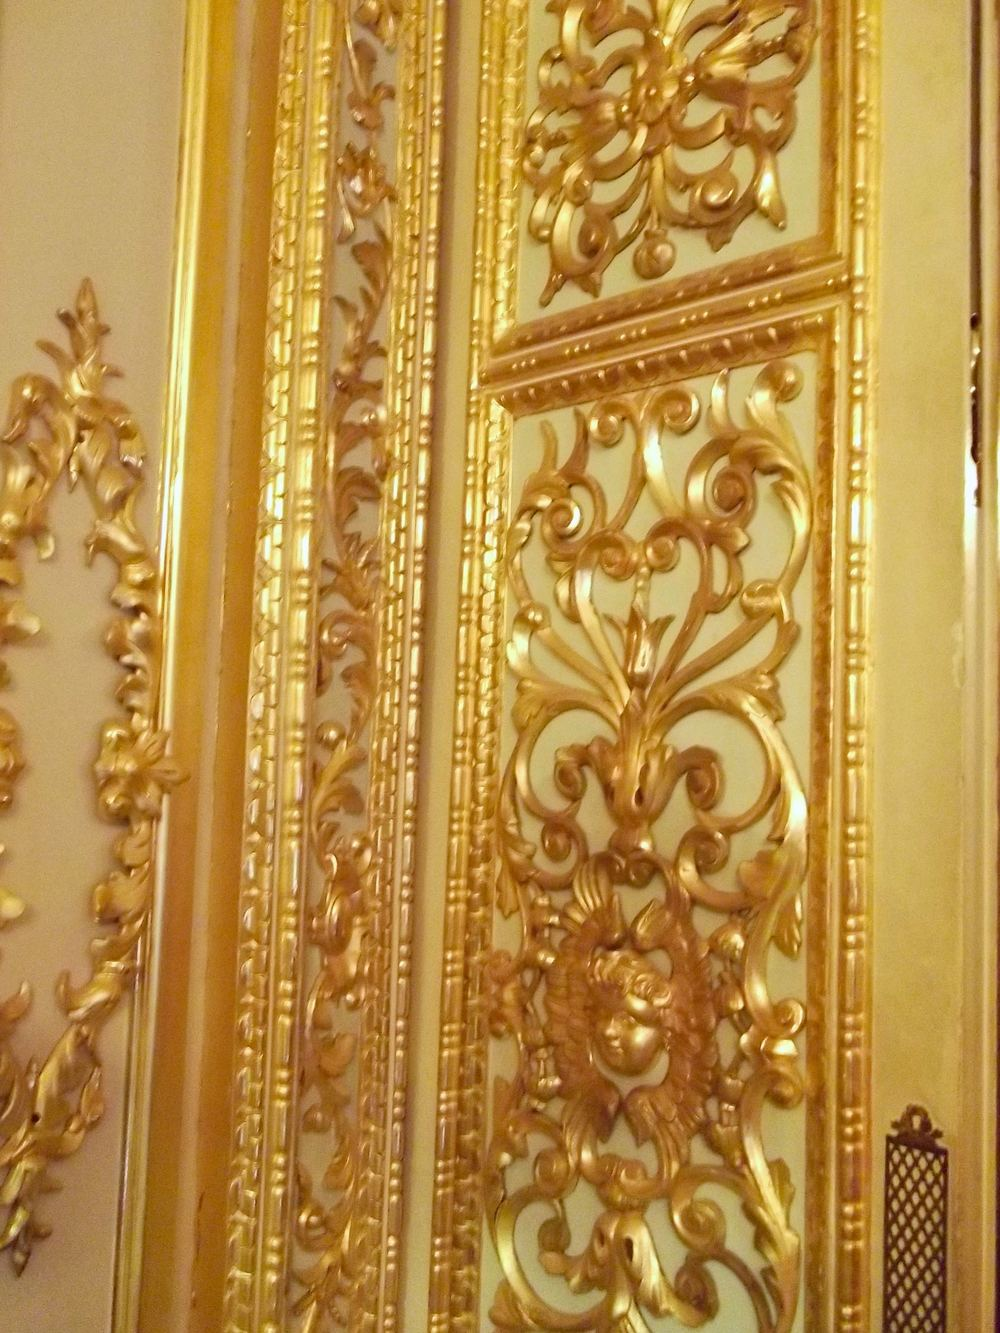 golddetail.jpg